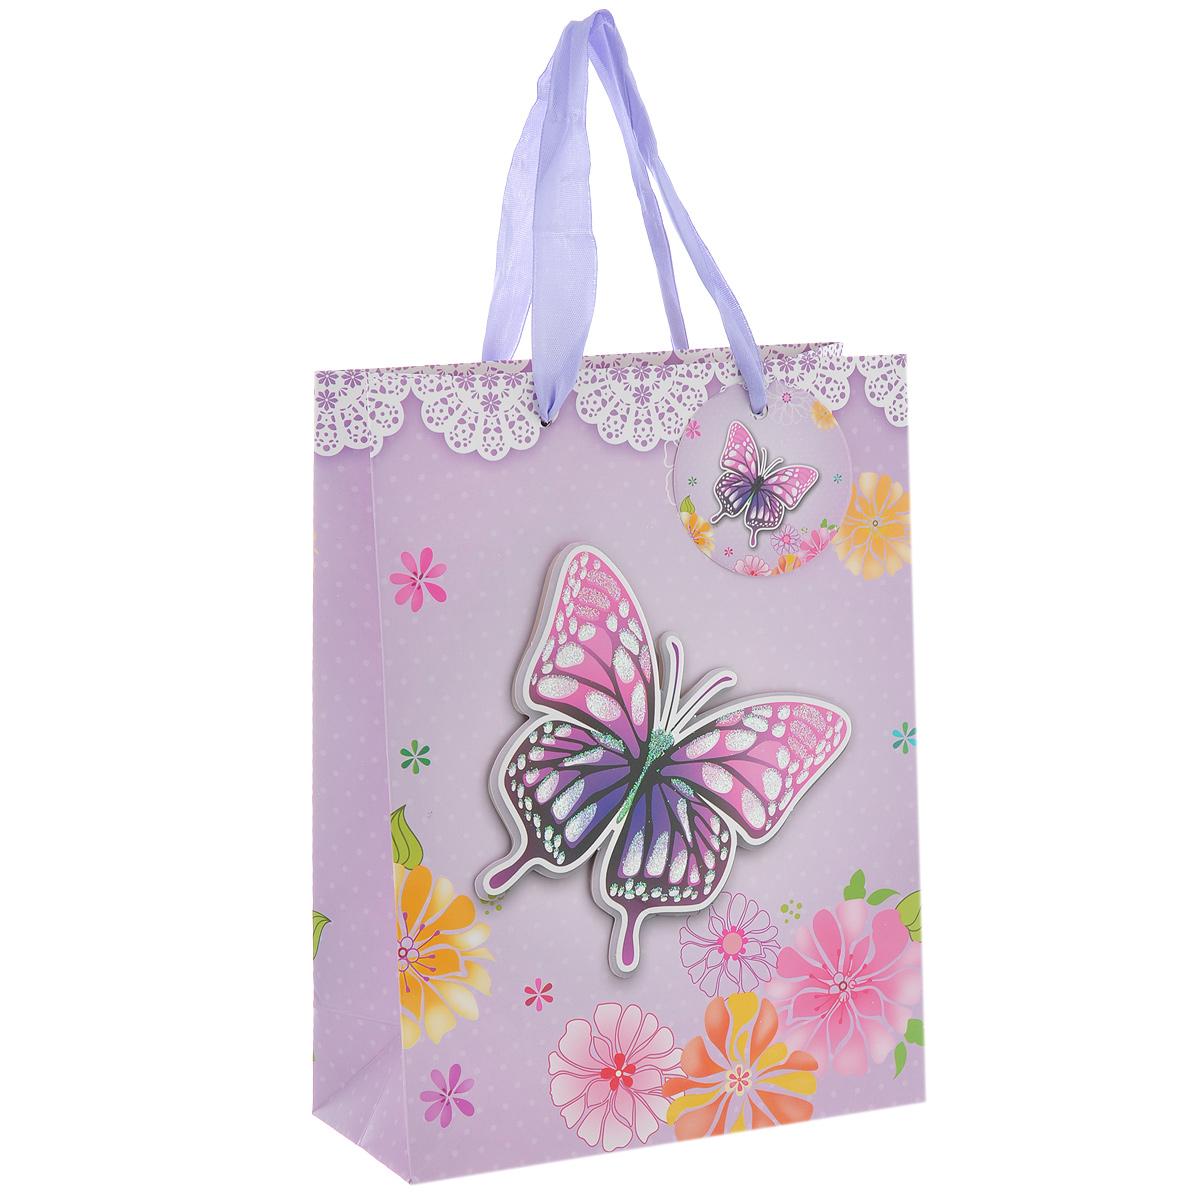 Пакет подарочный Сиреневая бабочка, 18 х 8 х 24 см7706832_212Дизайнерский подарочный пакет Сиреневая бабочка выполнен из плотной бумаги, оформлен цветочным рисунком и аппликацией в виде бабочки, покрытой сверкающими блестками. Дно изделия укреплено плотным картоном, который позволяет сохранить форму пакета и исключает возможность деформации дна под тяжестью подарка. Для удобной переноски имеются две атласные ручки.Подарок, преподнесенный в оригинальной упаковке, всегда будет самым эффектным и запоминающимся. Окружите близких людей вниманием и заботой, вручив презент в нарядном праздничном оформлении.